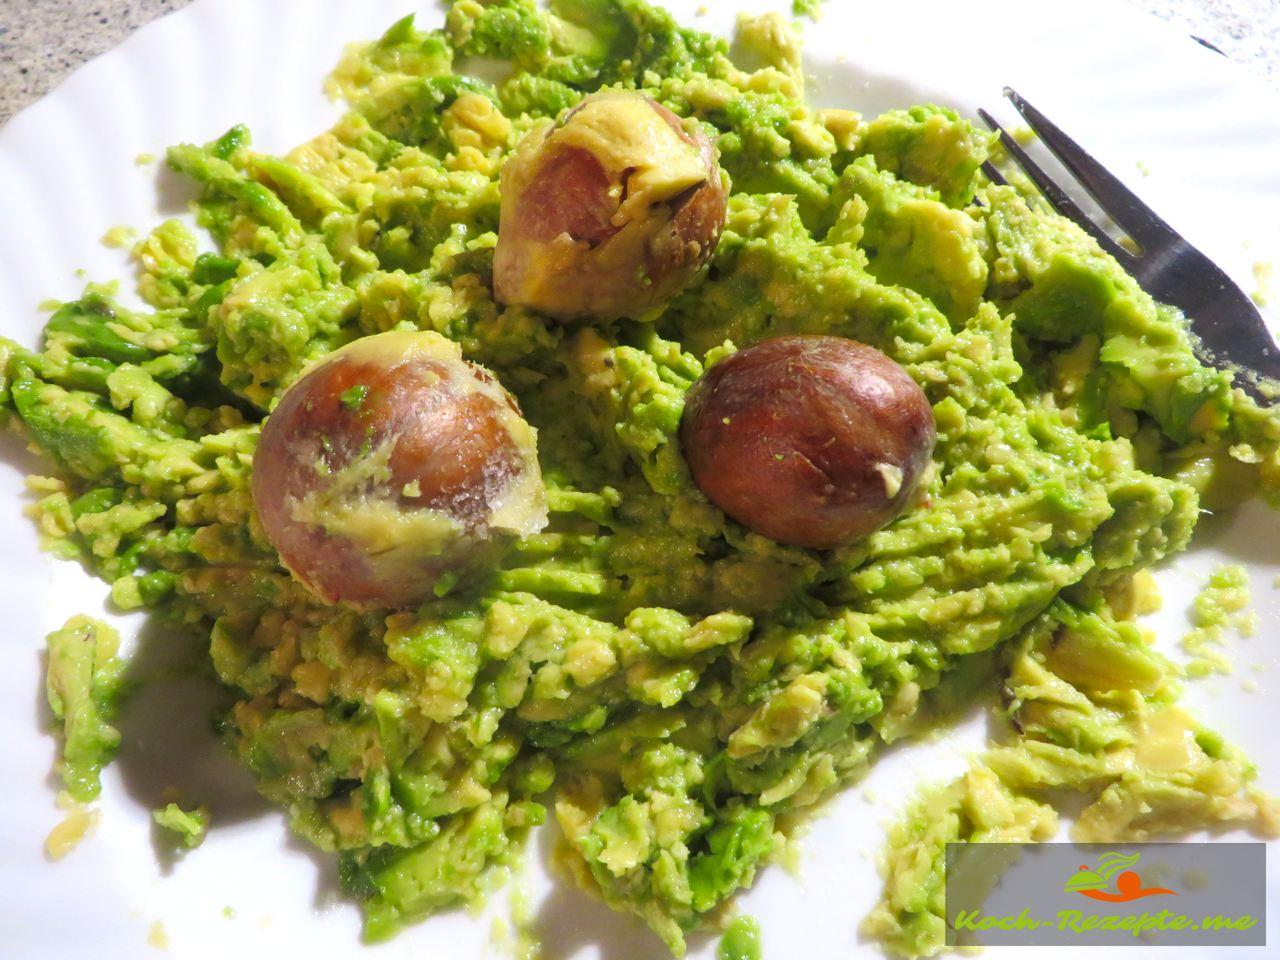 Zum Schluß die Kerne in die fertige Avocadocreme legen so bleibt es grün und wird nicht grau